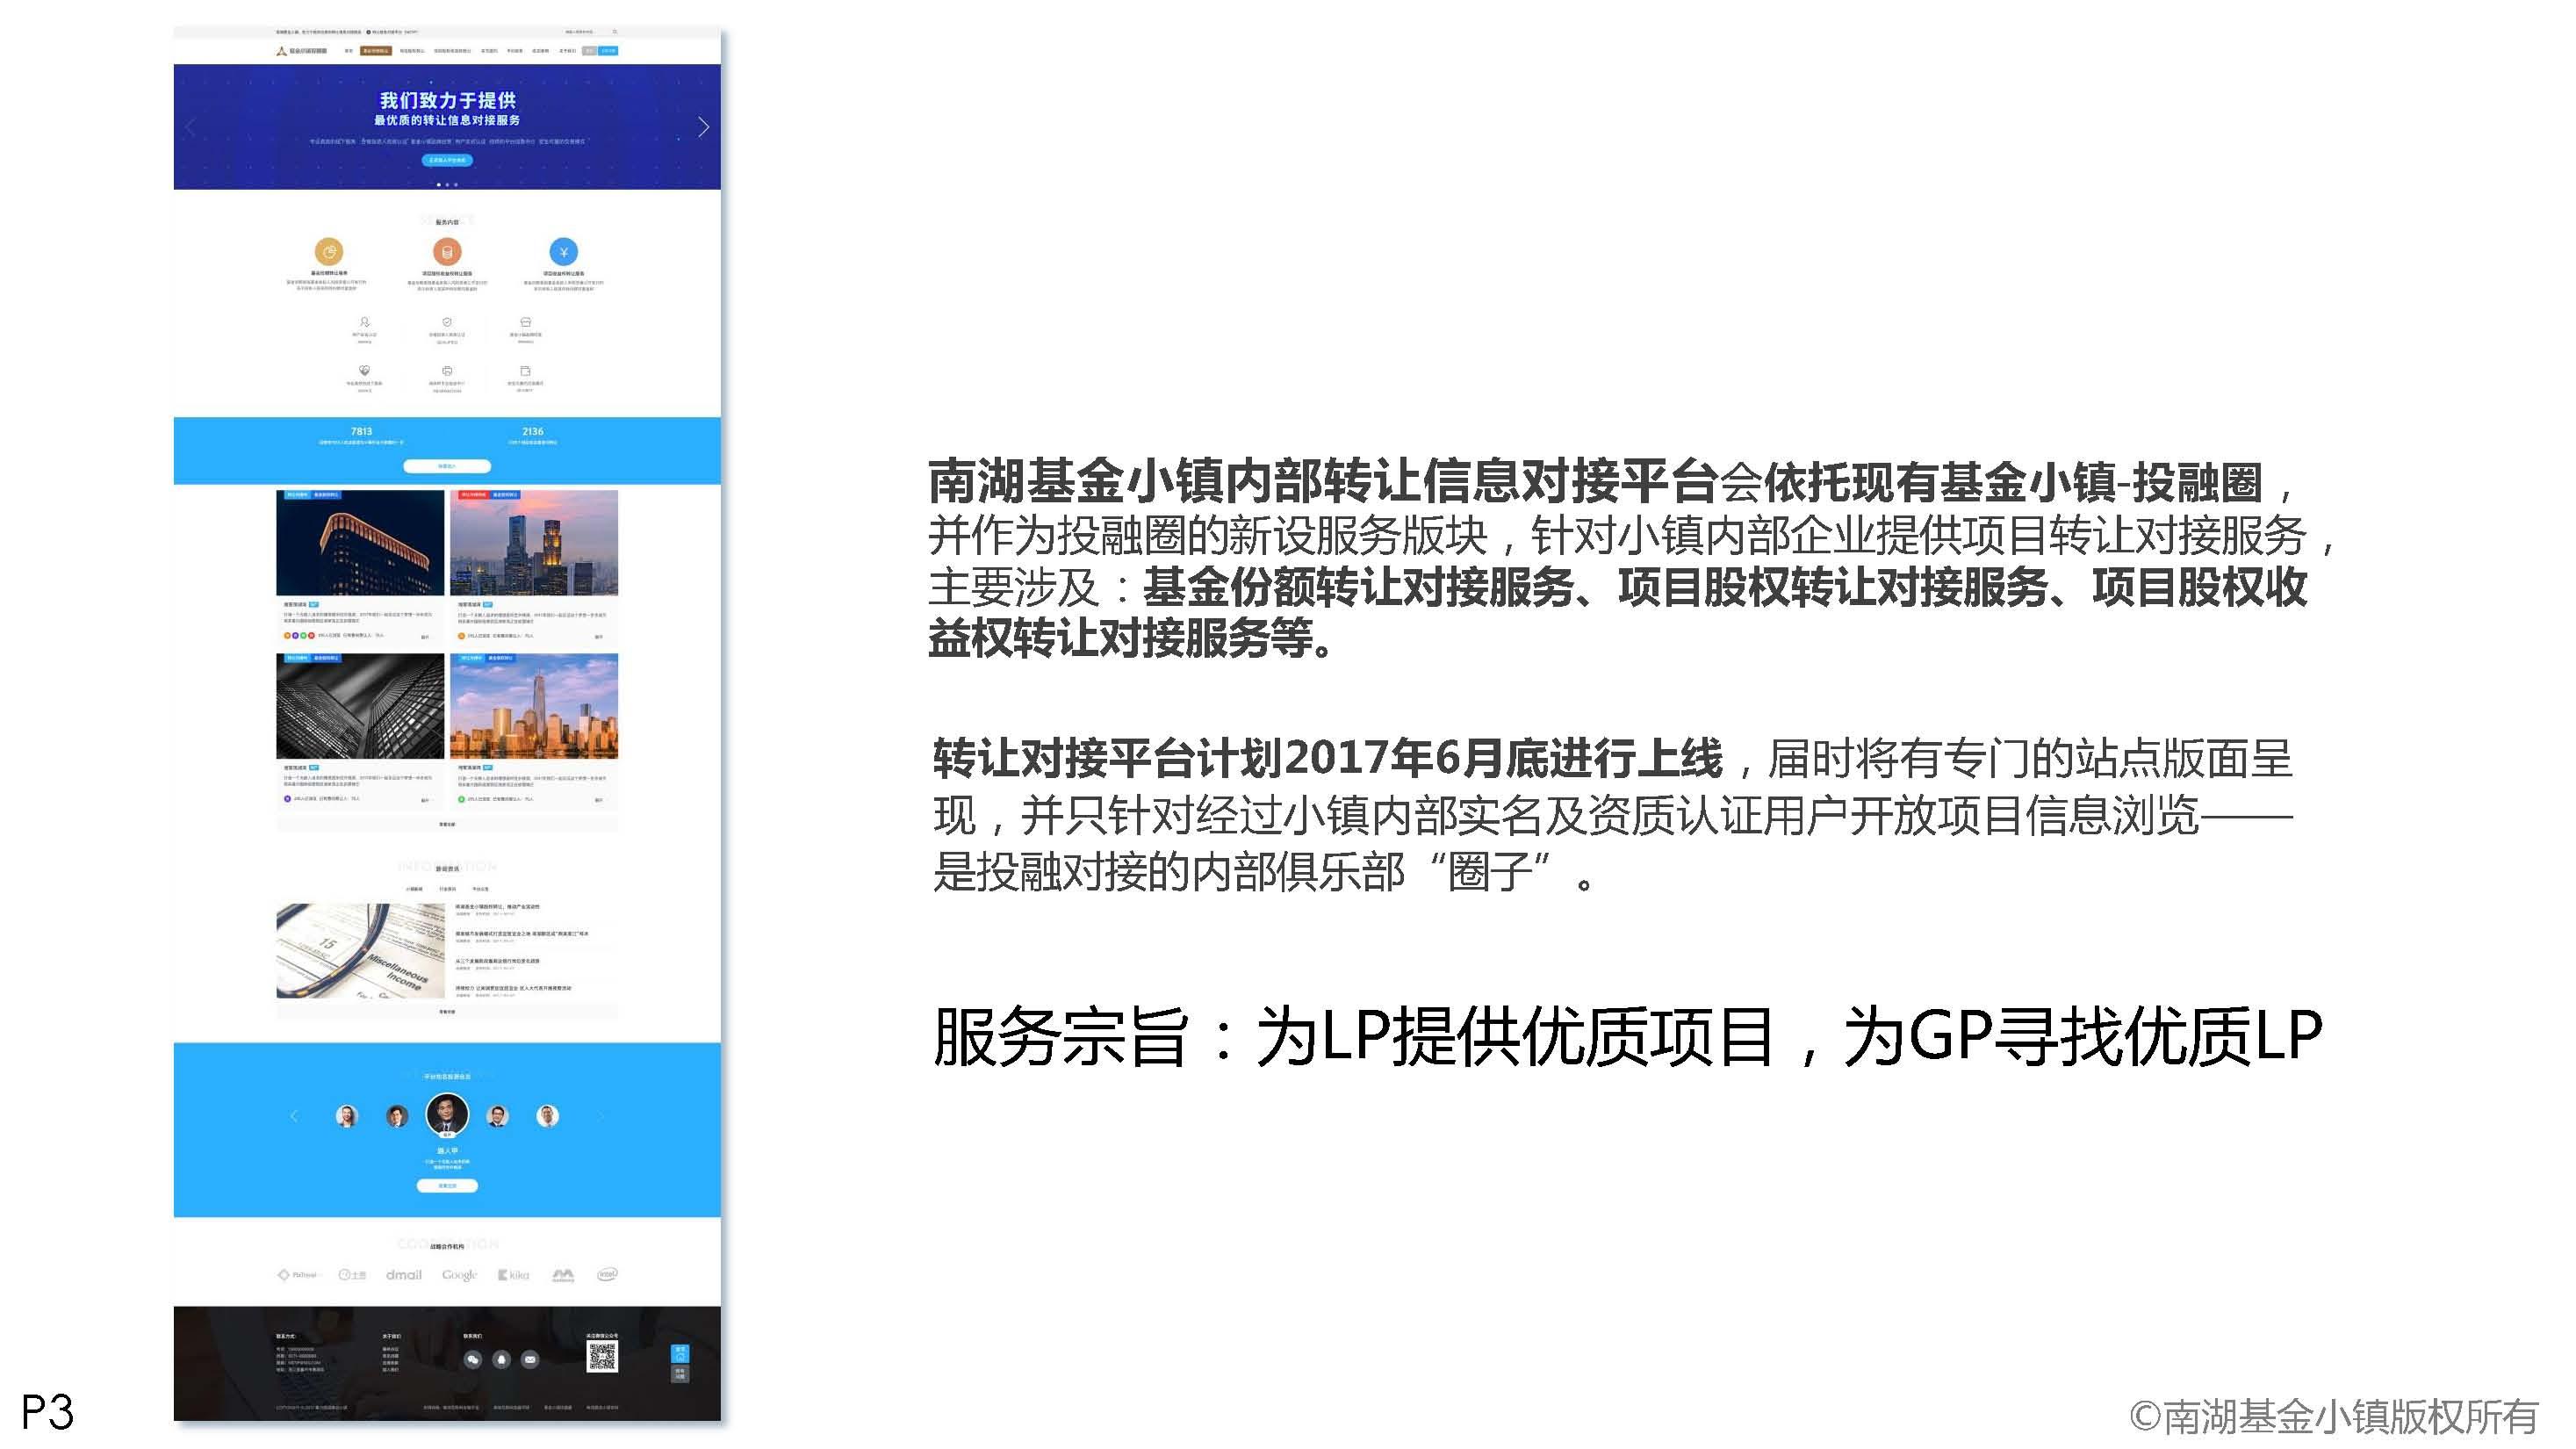 南湖基金小镇投融圈-内部转让信息对接服务平台介绍(6月26日修改稿)_页面_03.jpg